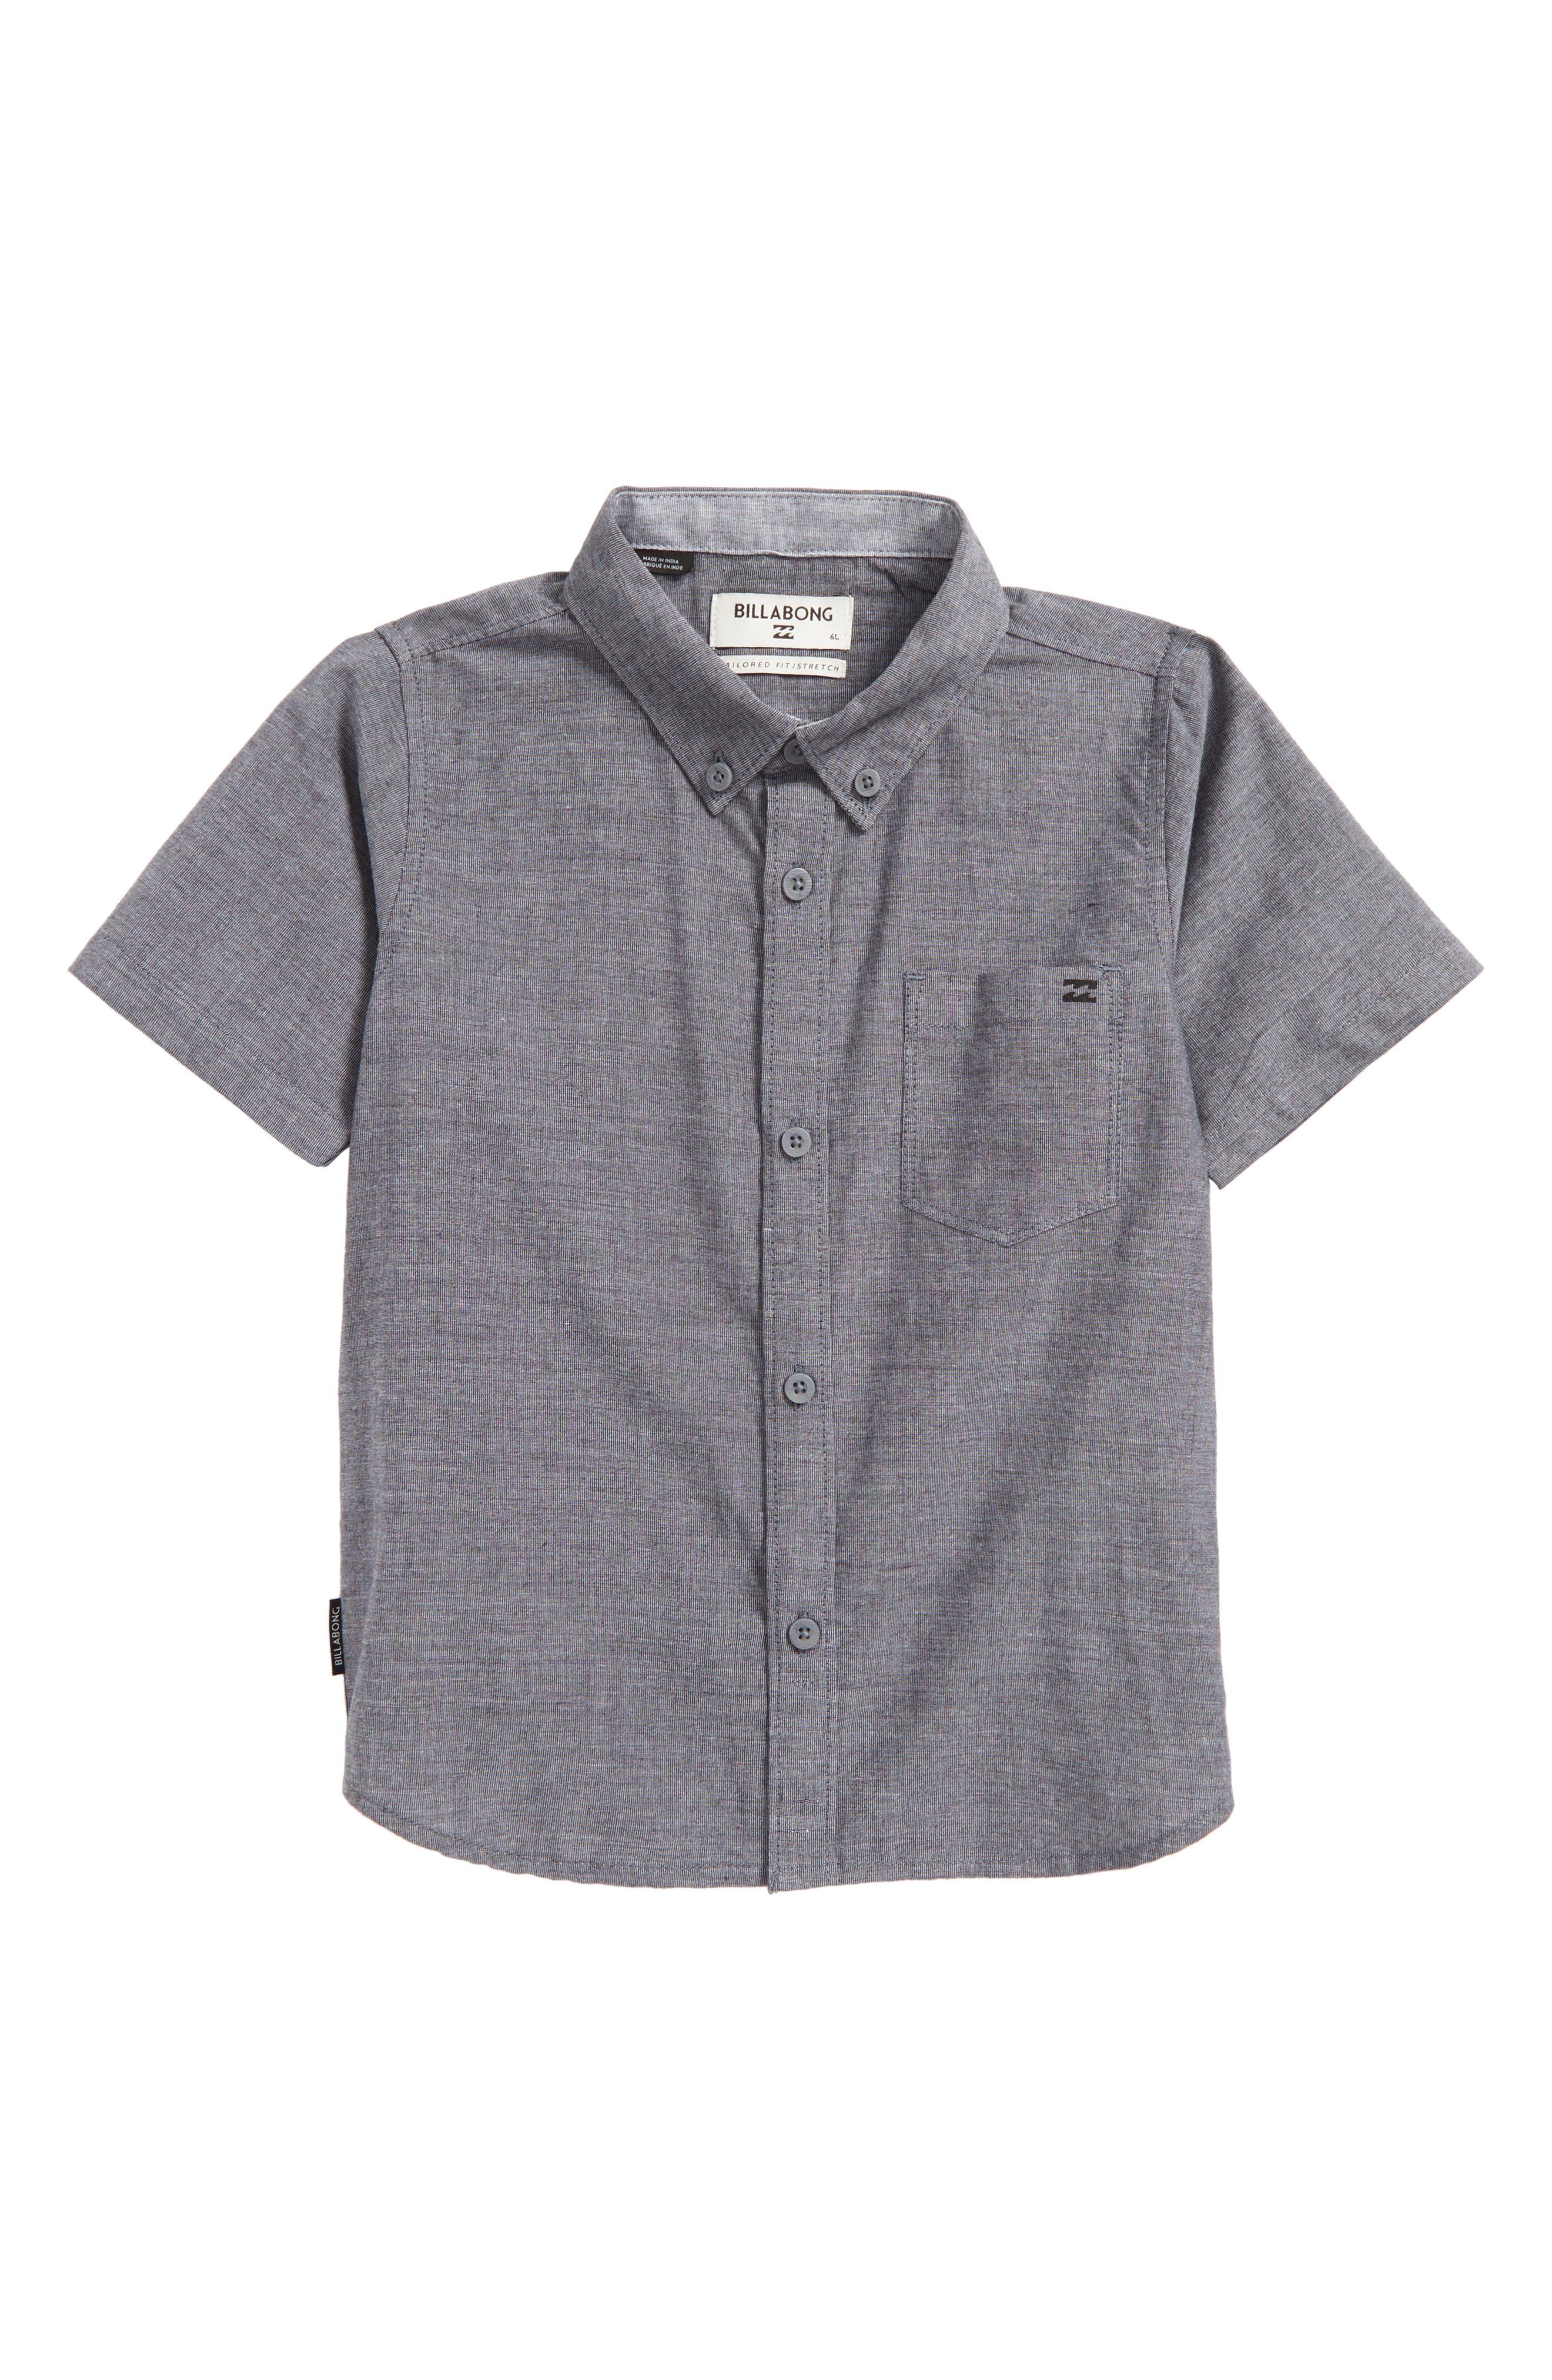 All Day Chambray Woven Shirt,                             Main thumbnail 1, color,                             001